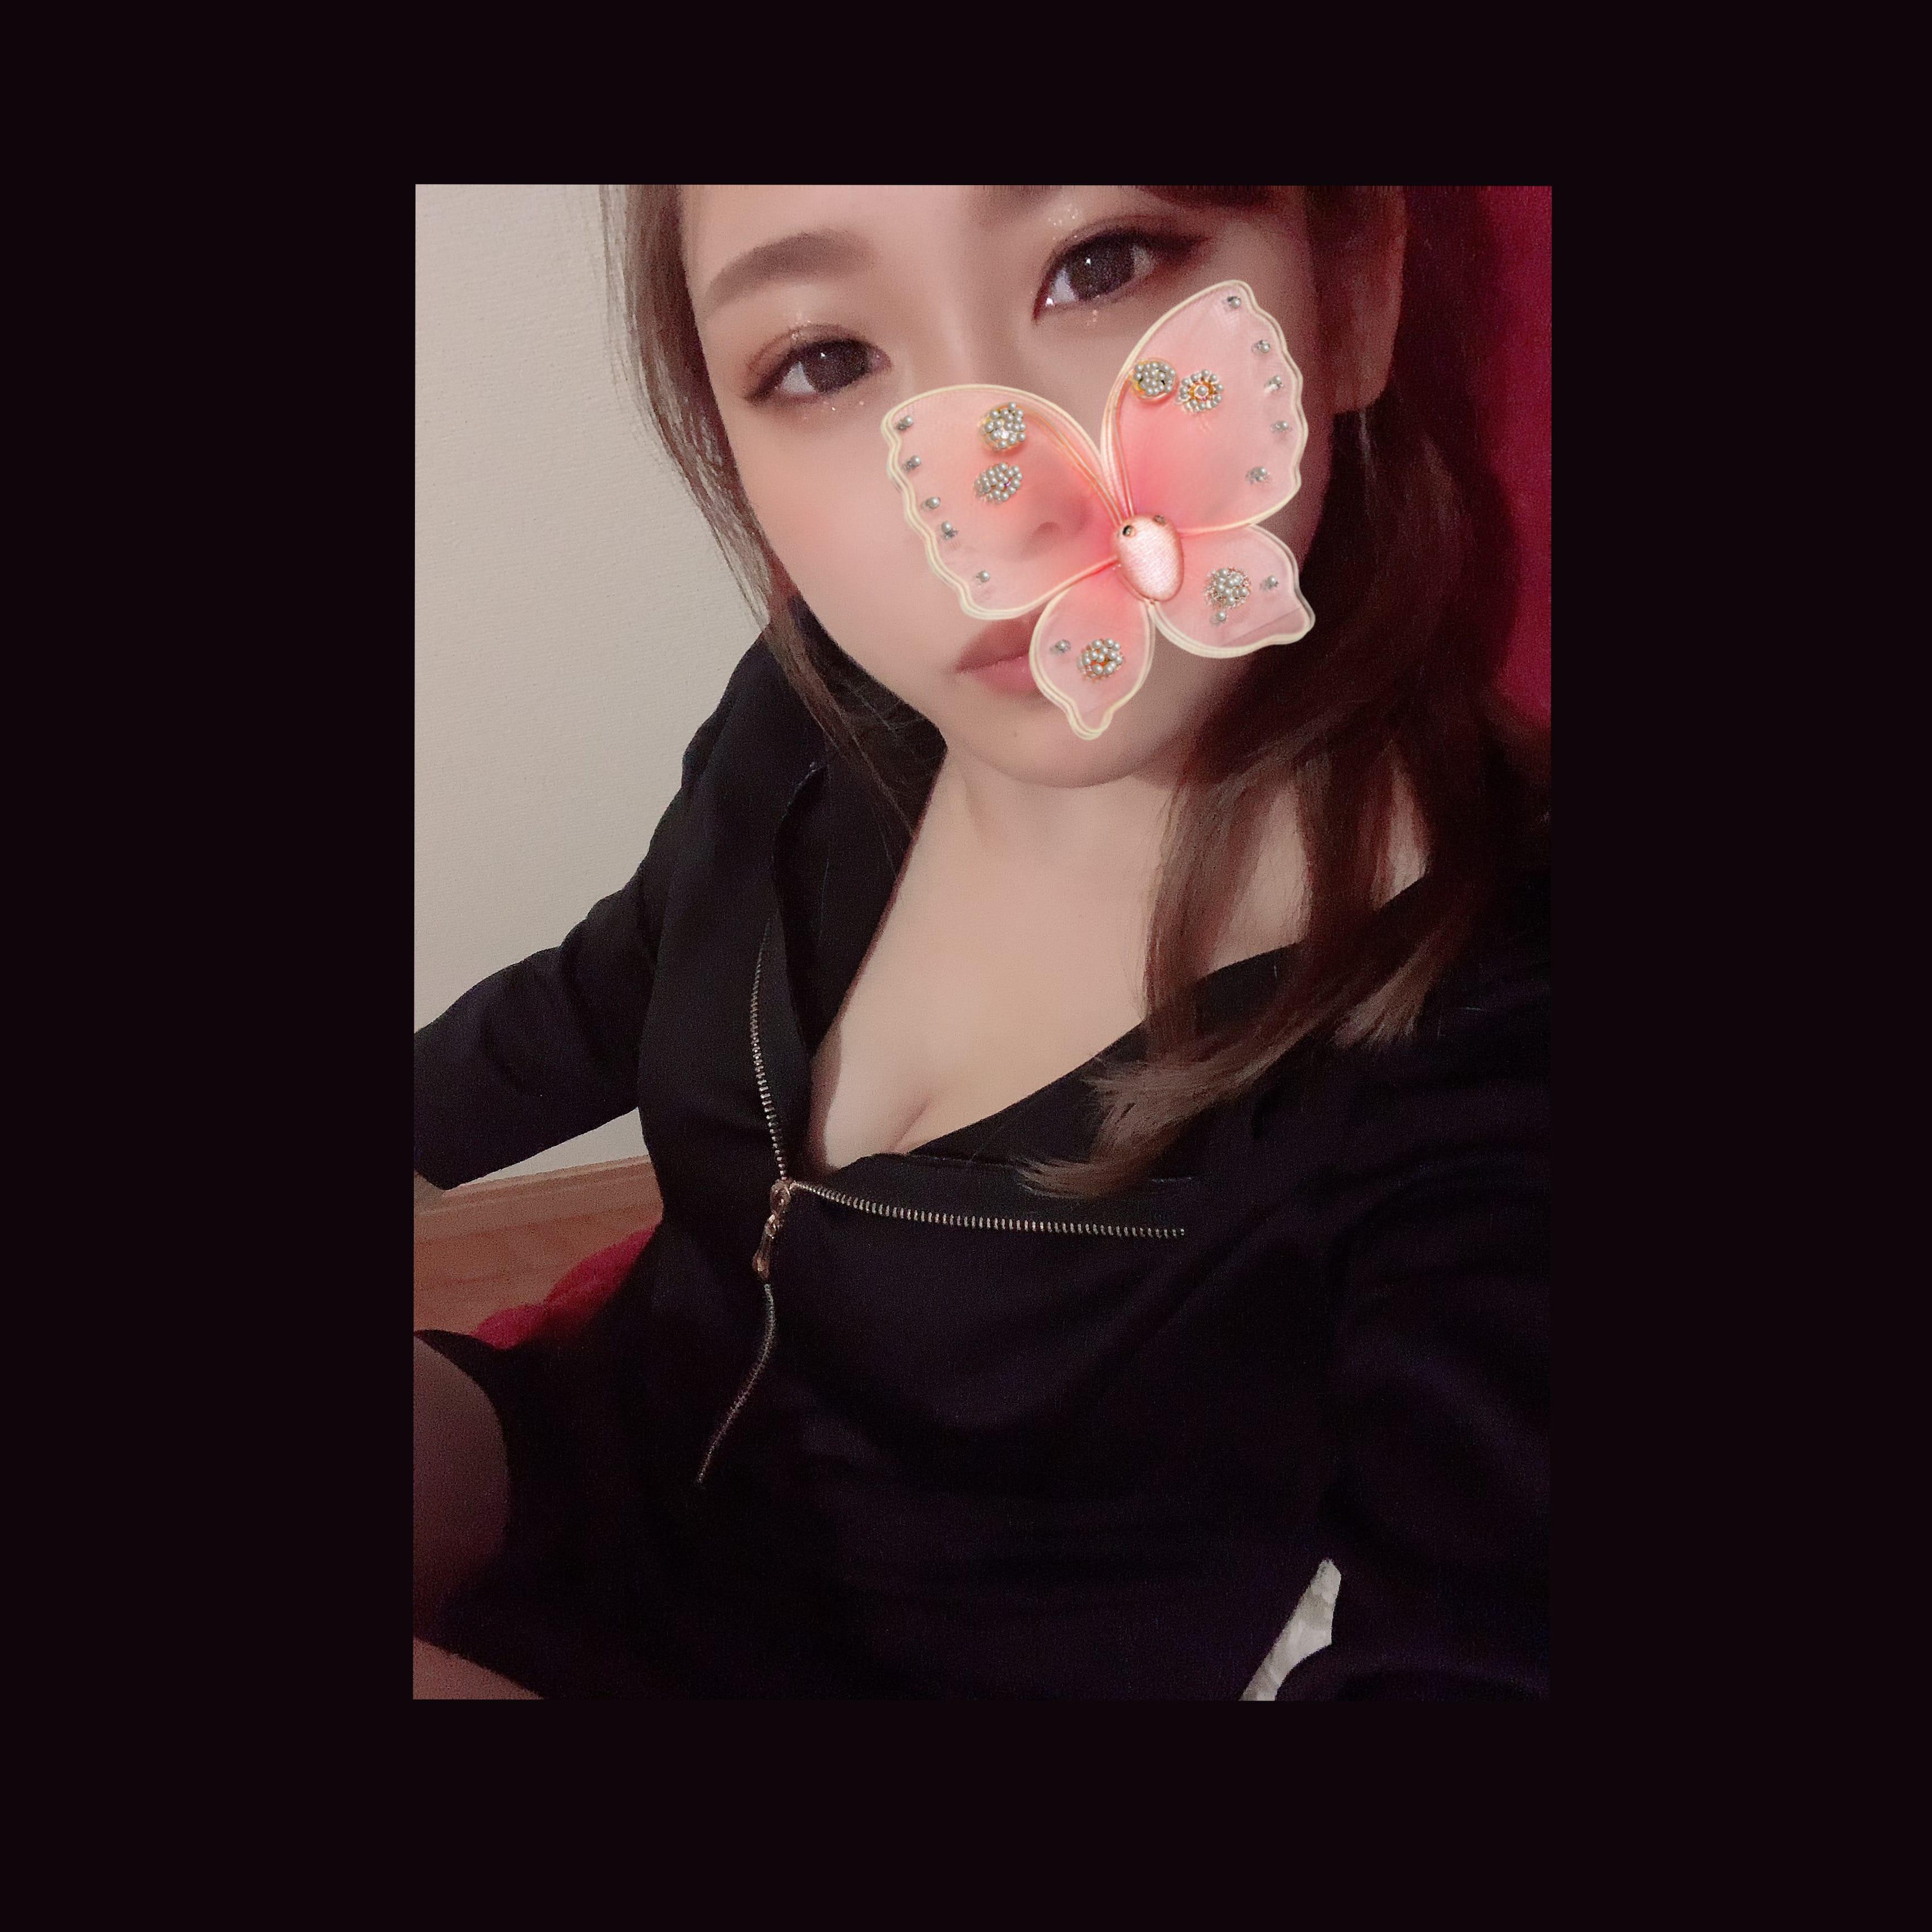 「いますよ♡」05/21(05/21) 12:16   くららの写メ